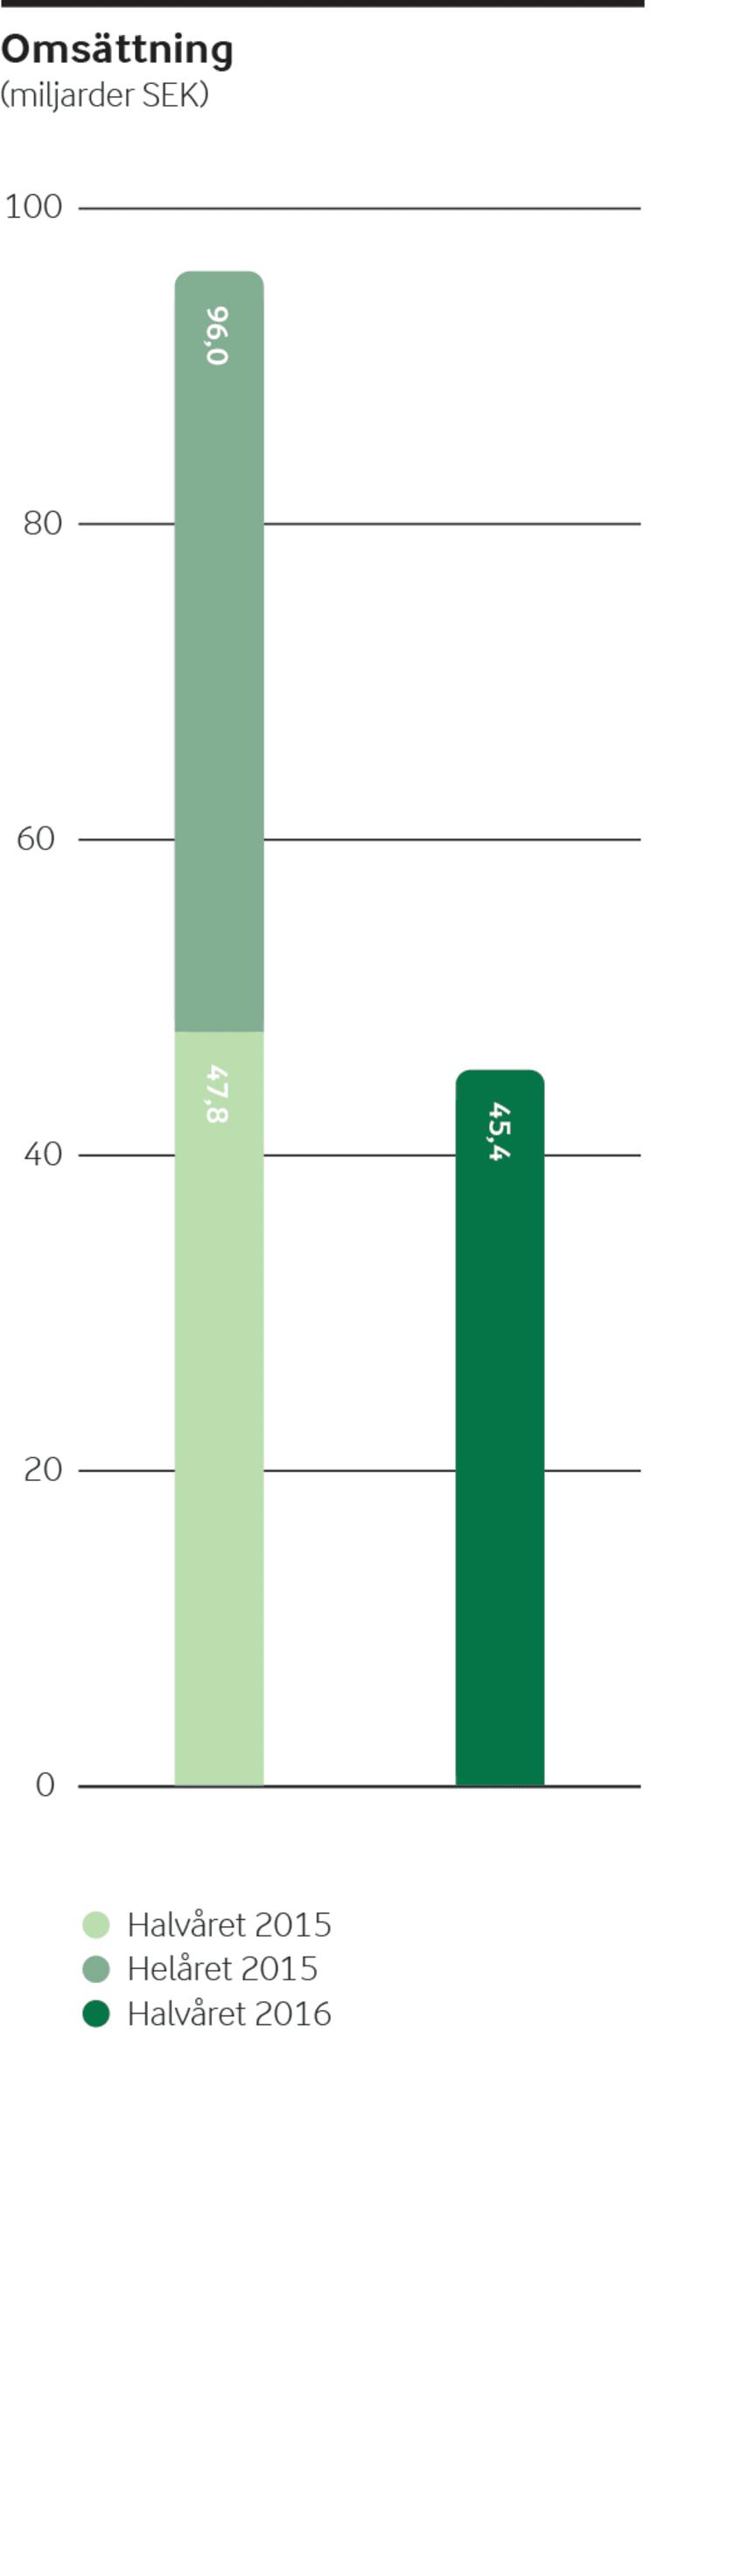 Arla halvårsrapport 2016 - Omsättning